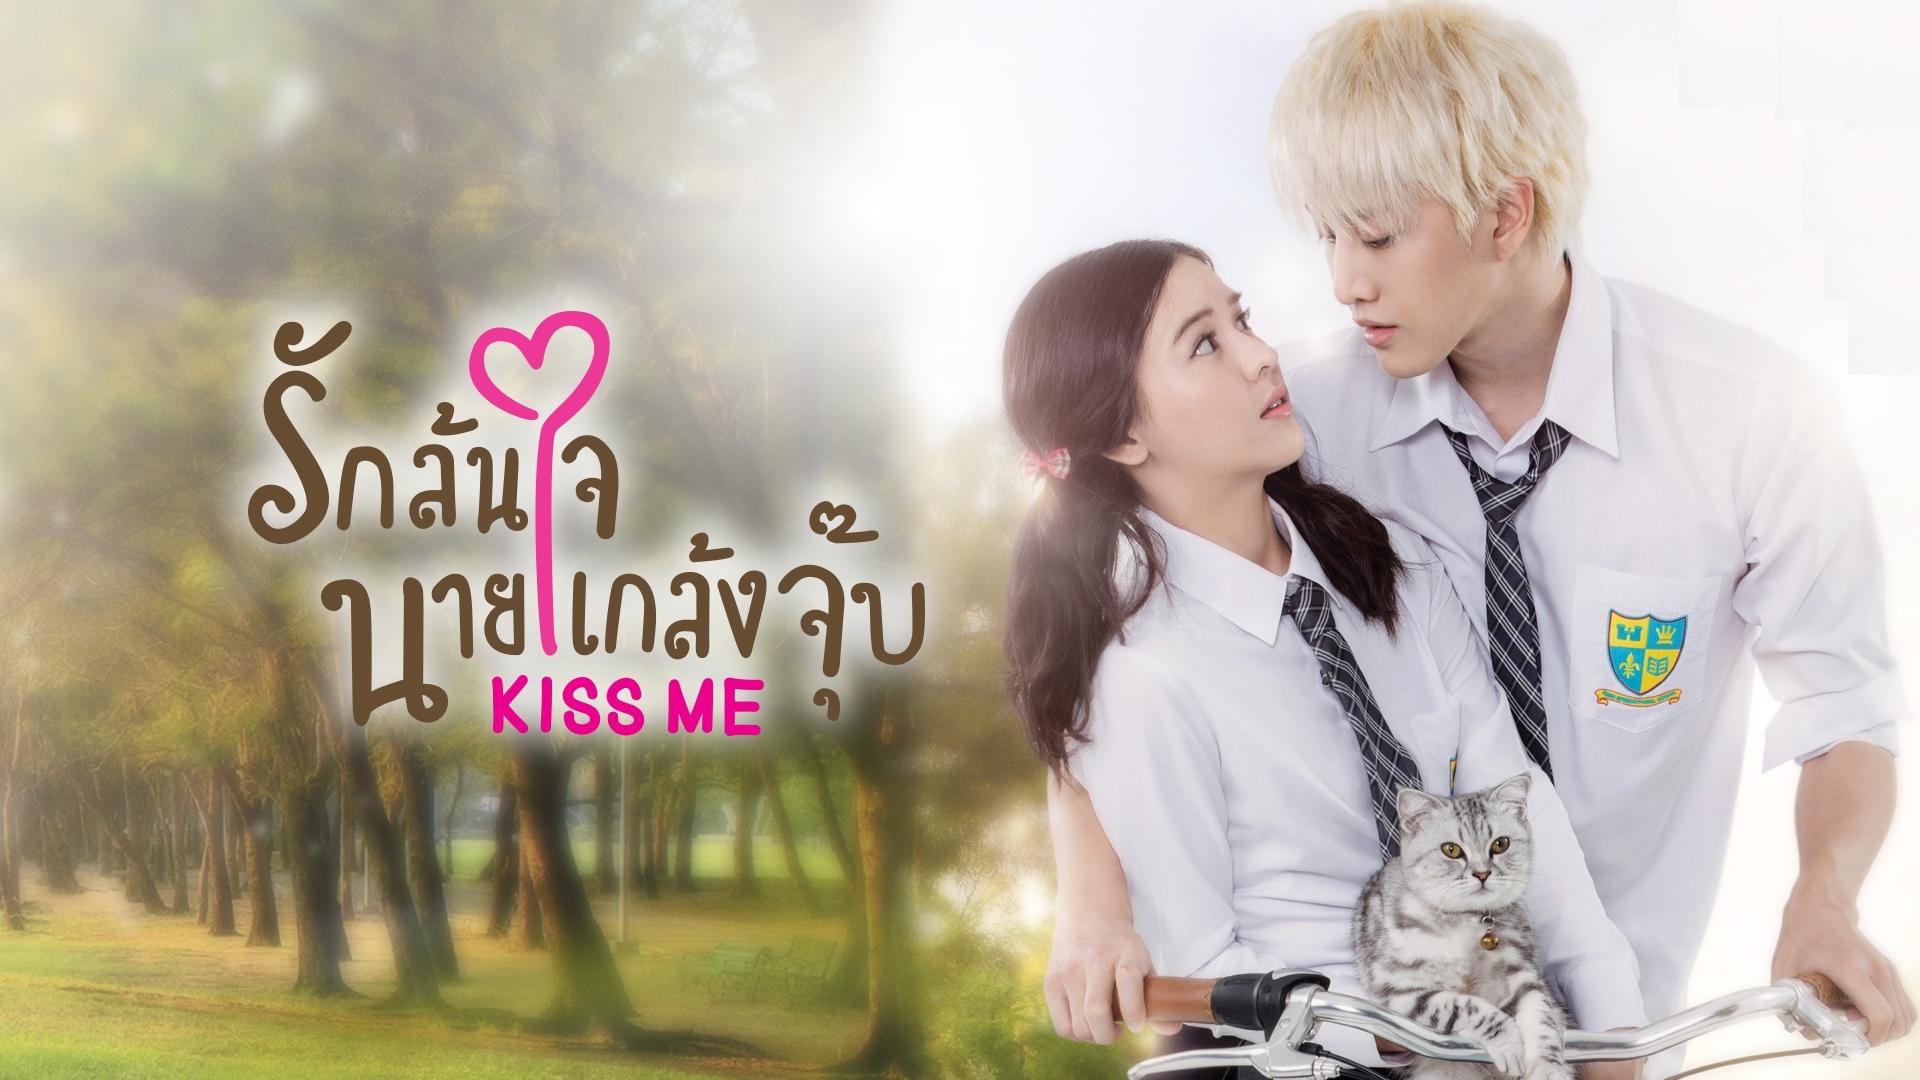 KISS ME รักล้นใจนายแกล้งจุ๊บ KISS ME รักล้นใจนายแกล้งจุ๊บ ตอนที่ 1